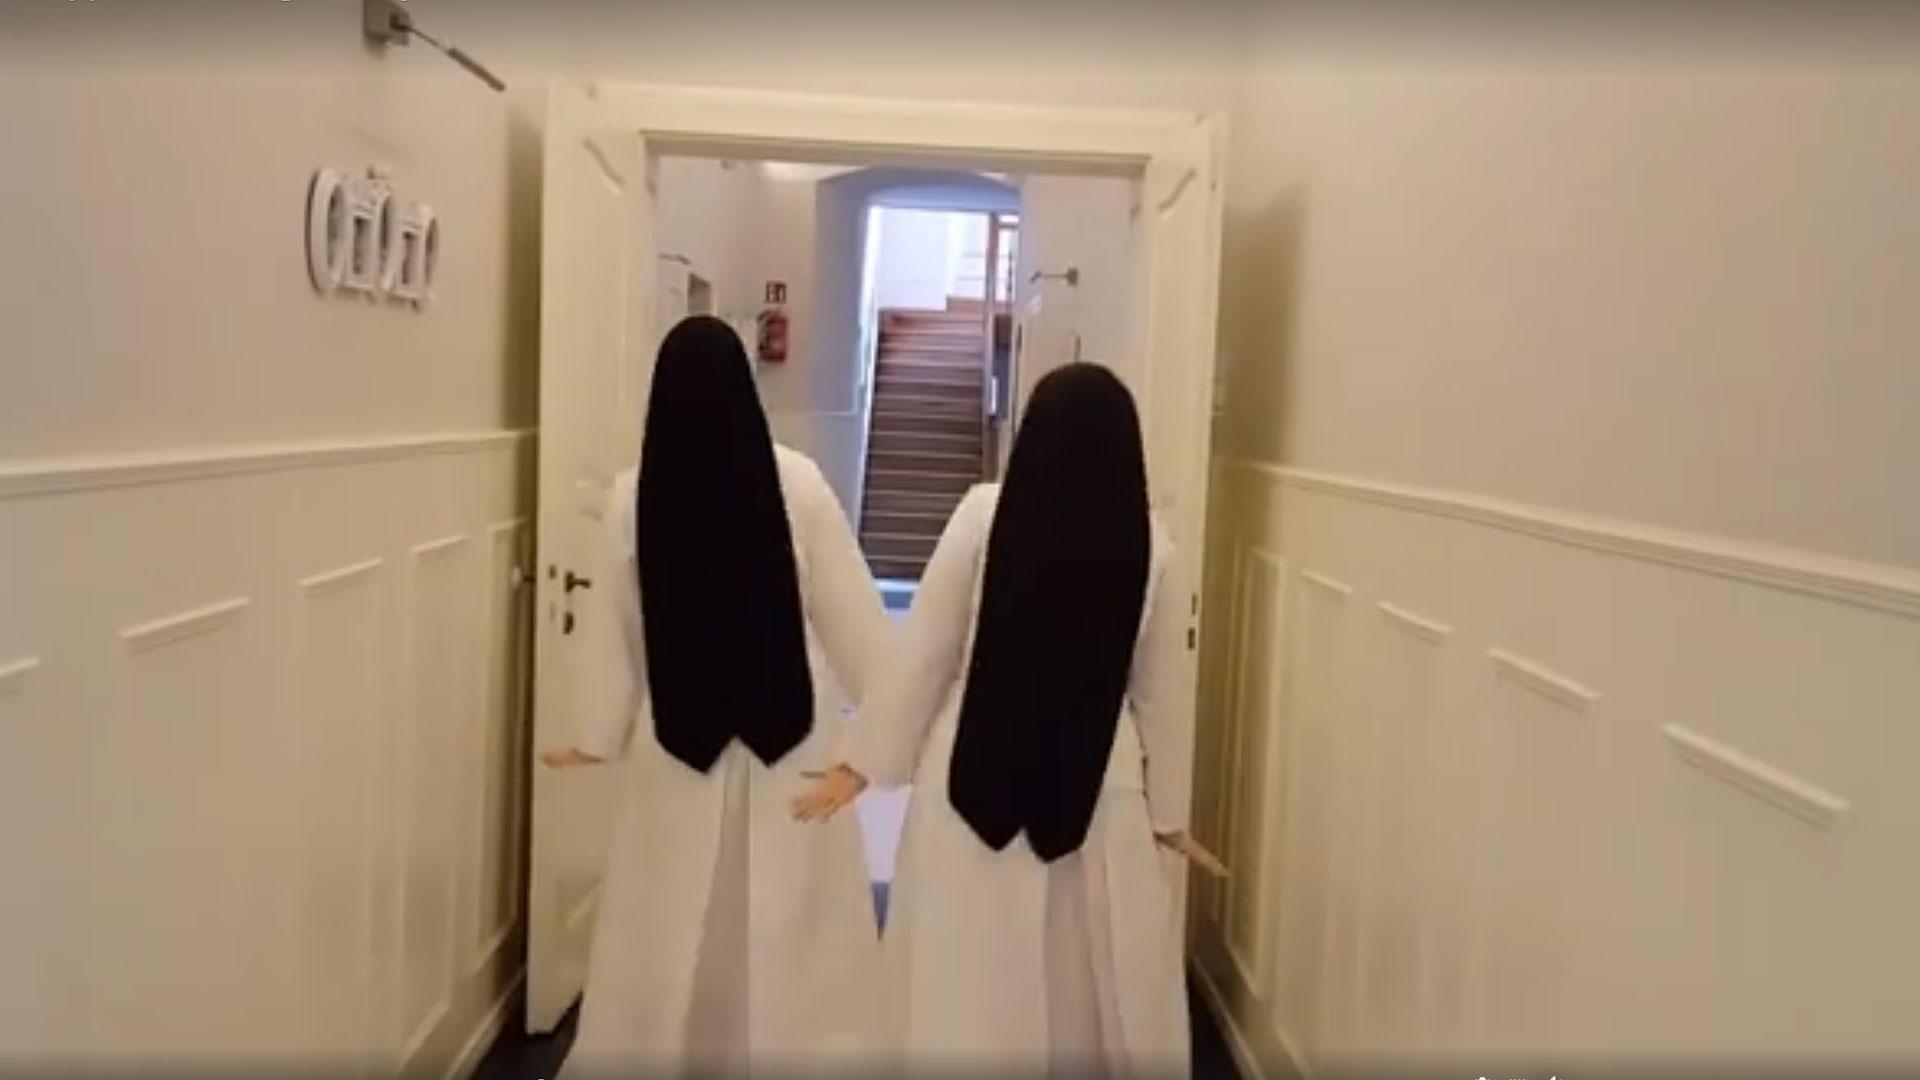 Siostry świętują Dzień Pingwinów i podbijają internet